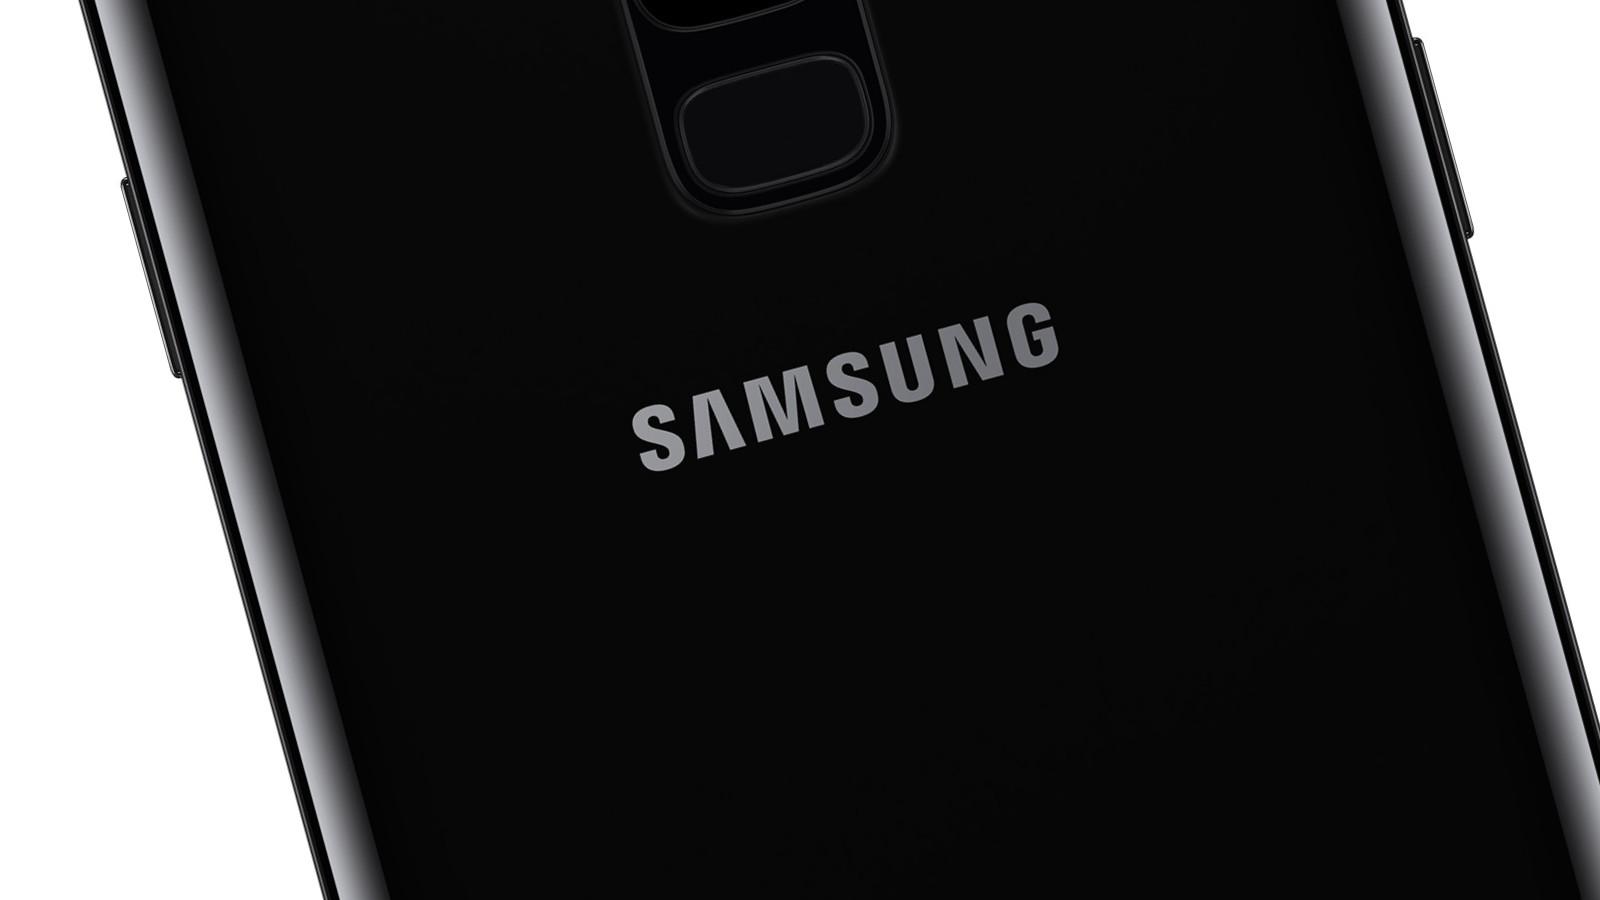 Samsung-Logo auf Smartphone